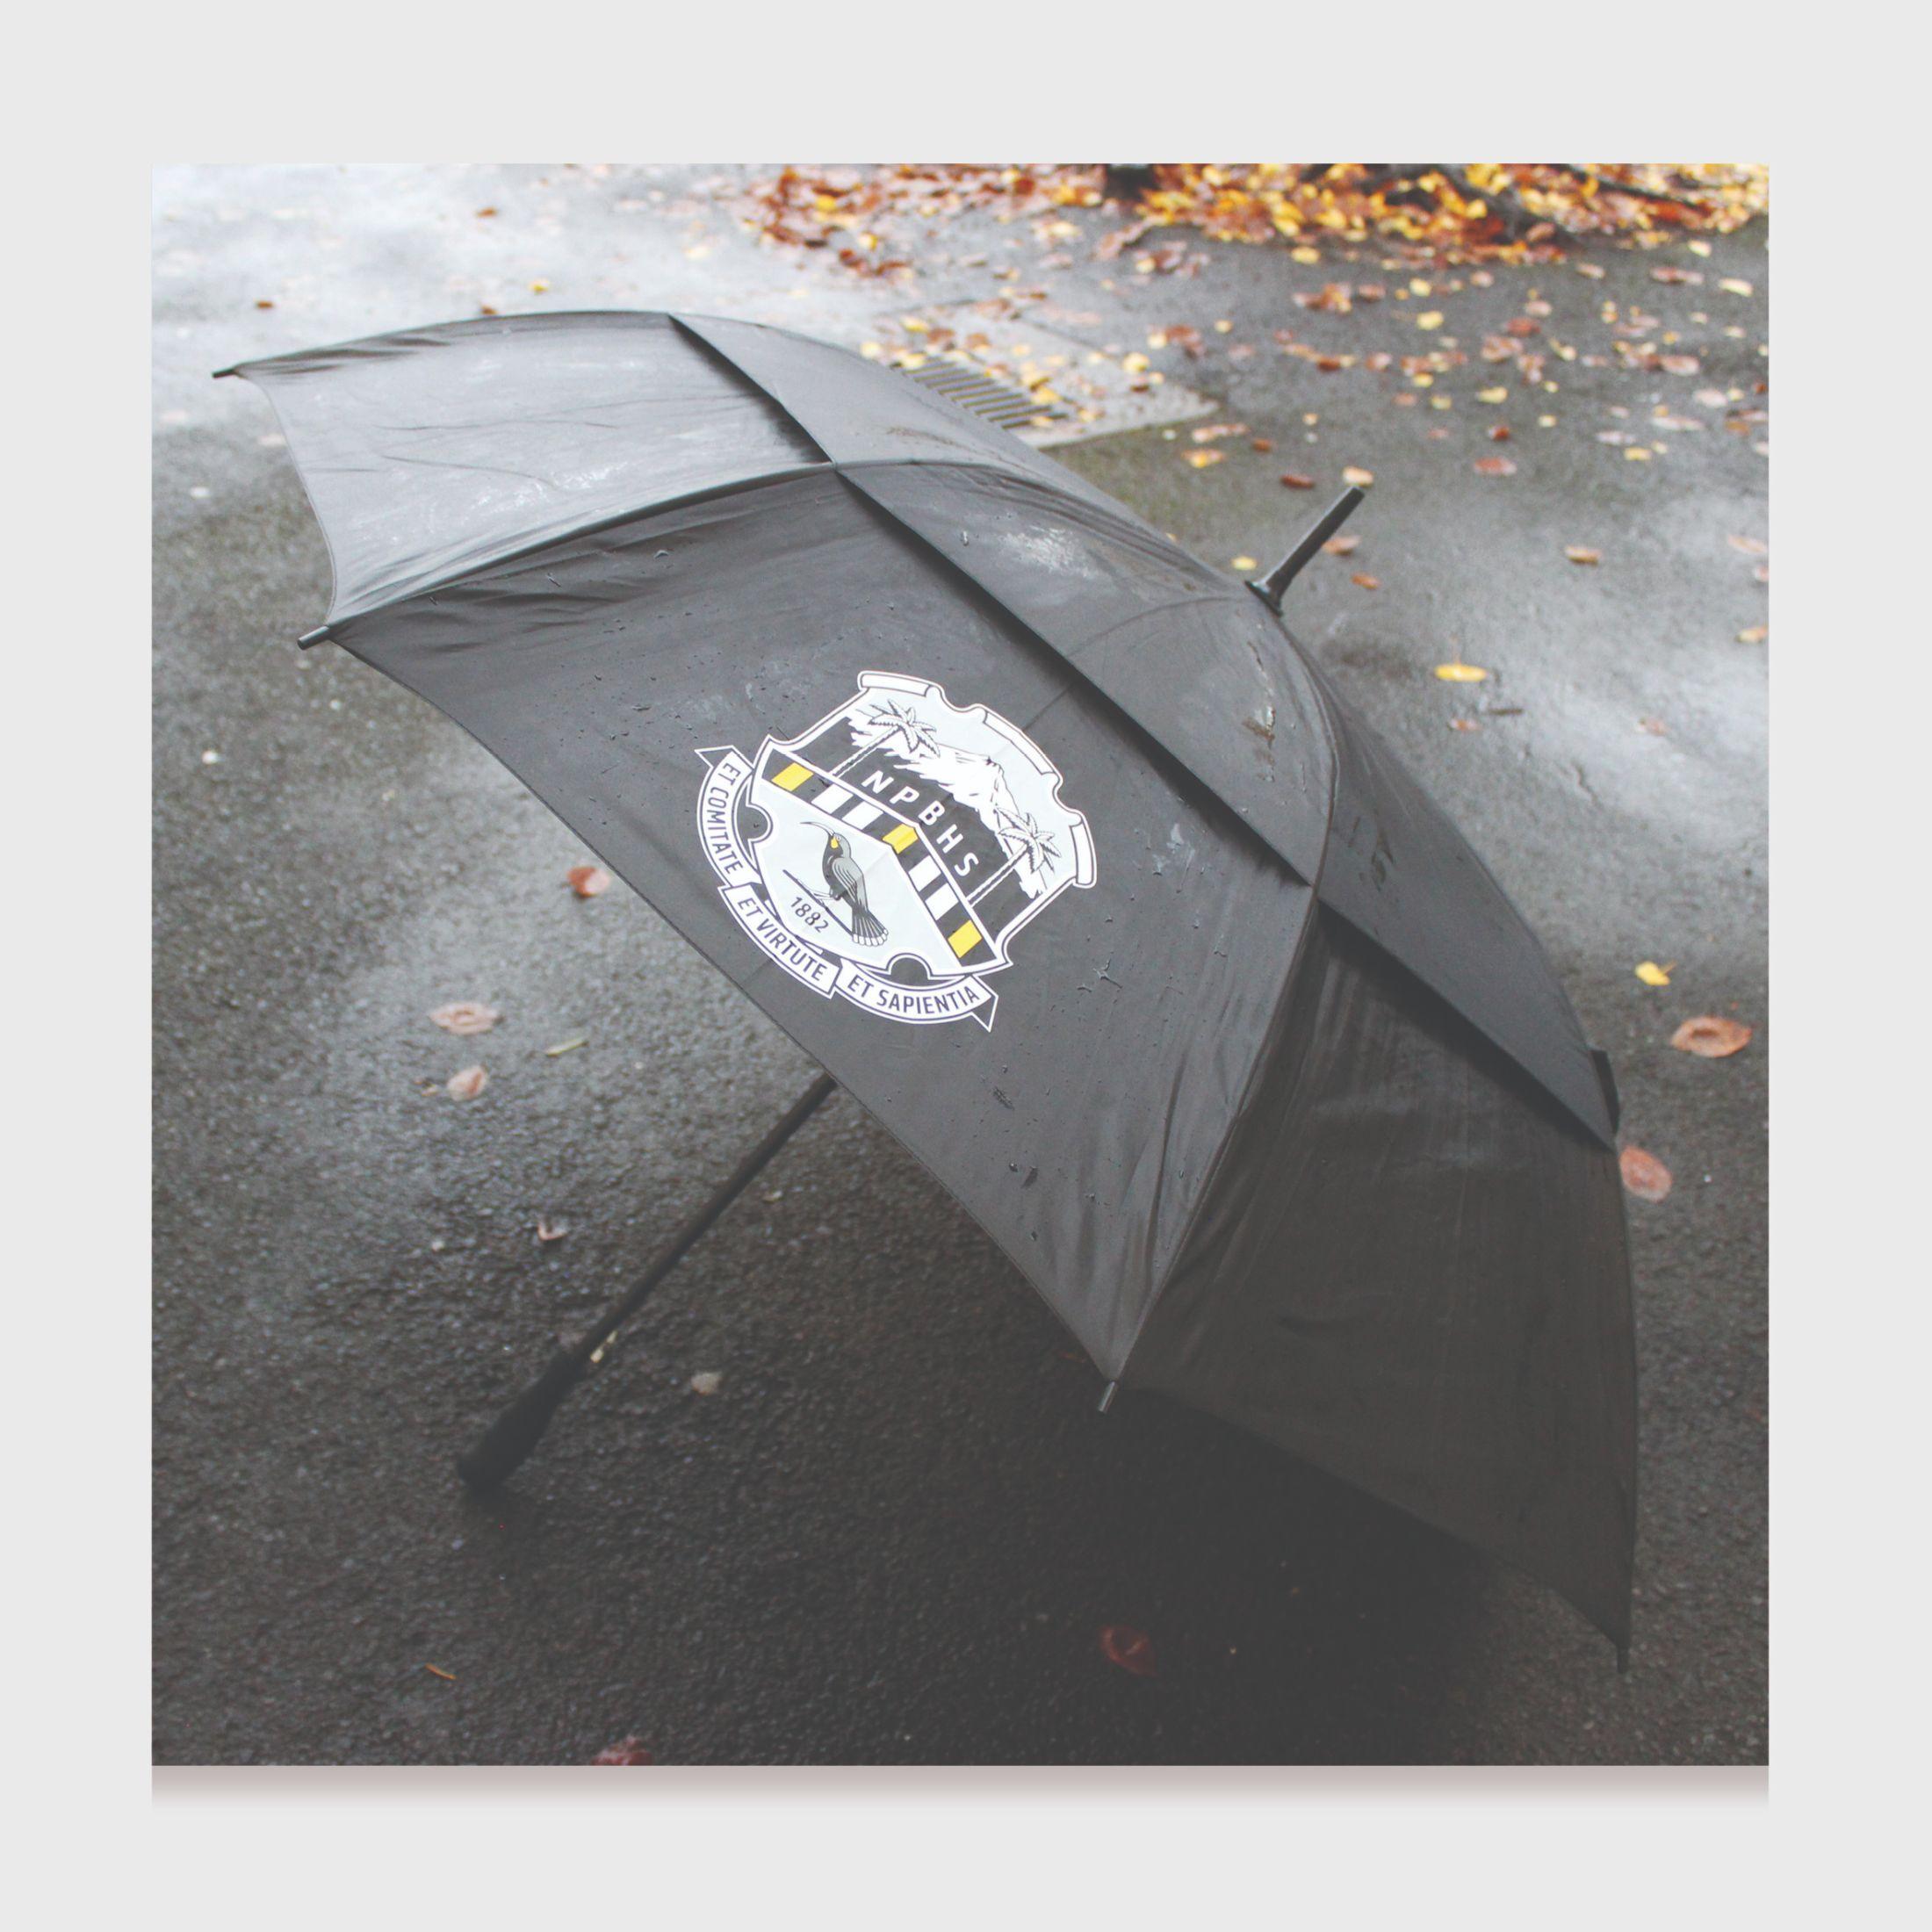 School Umbrella